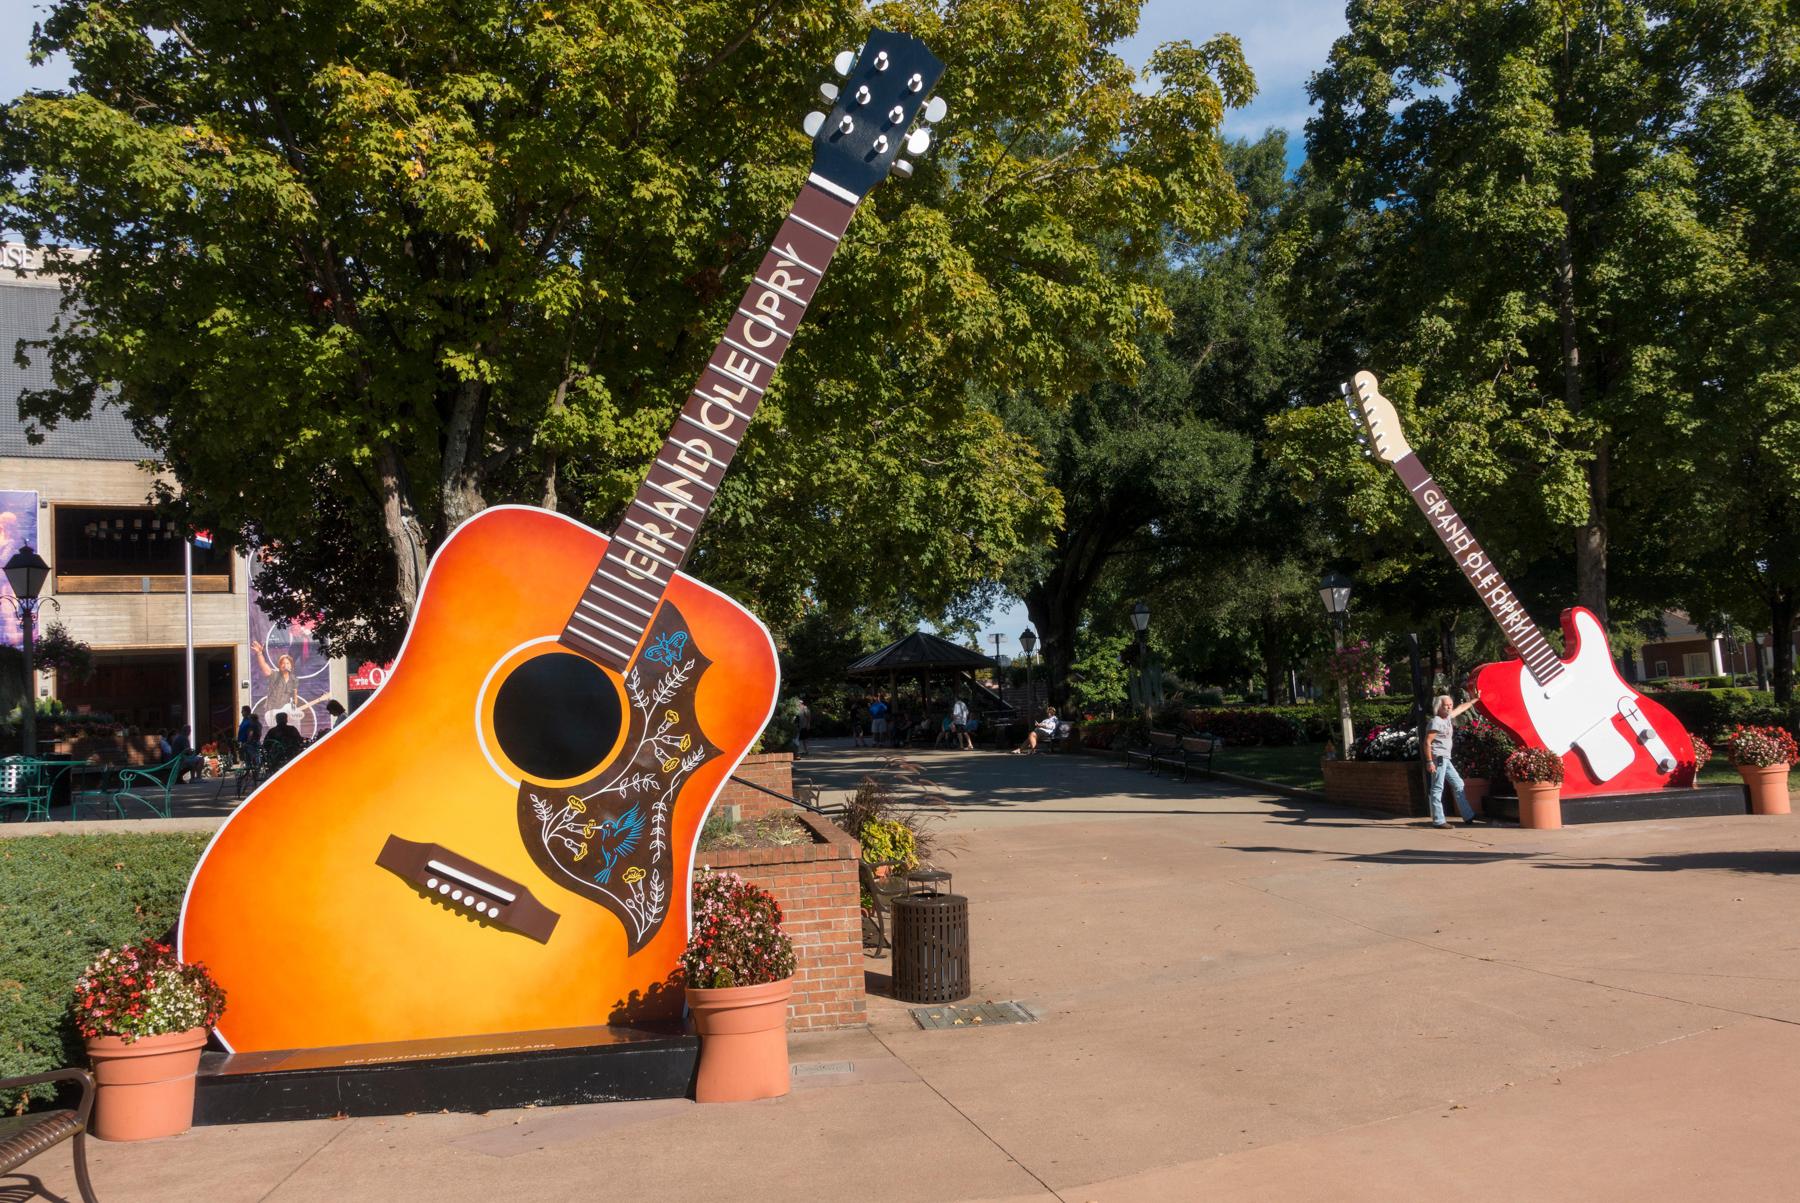 Duas esculturas de guitarra de grande dimensão saindo do chão (© Alamy)